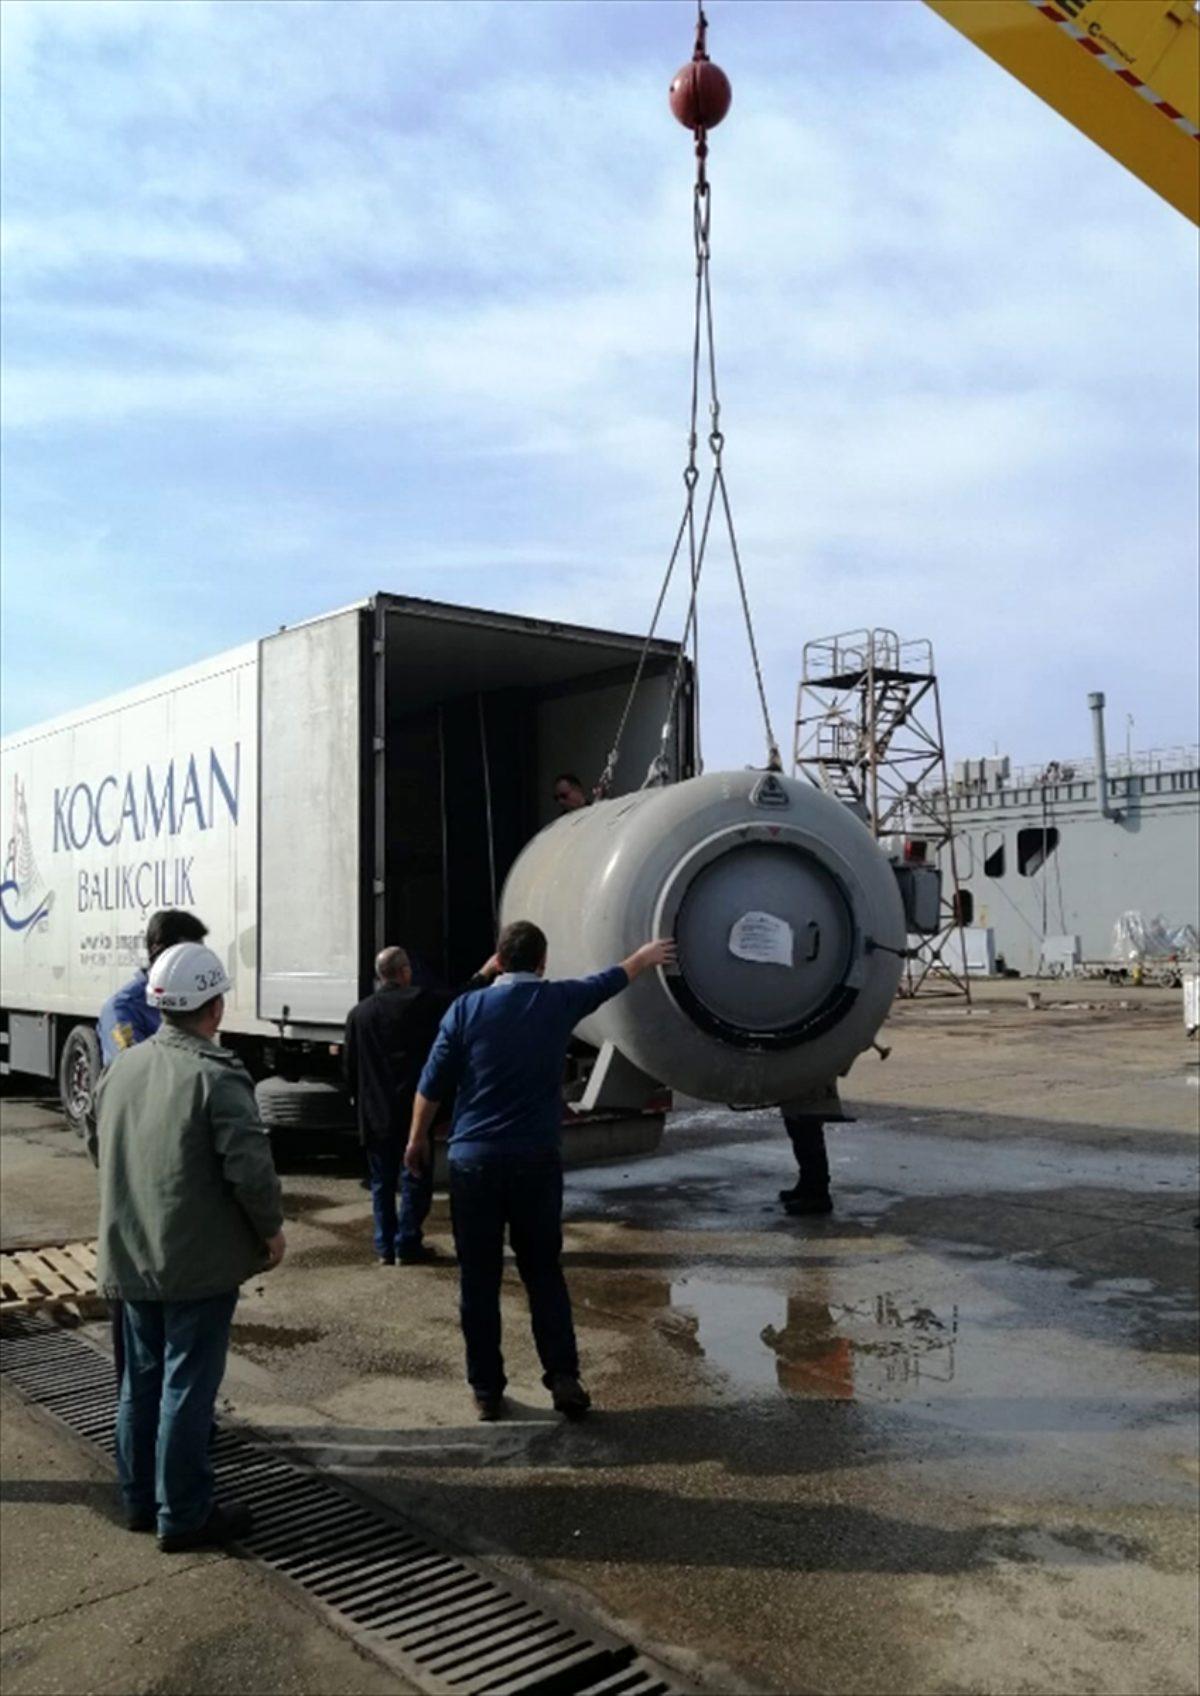 Deniz Kuvvetleri Komutanlığına ait basınç odası eğitime hizmet edecek